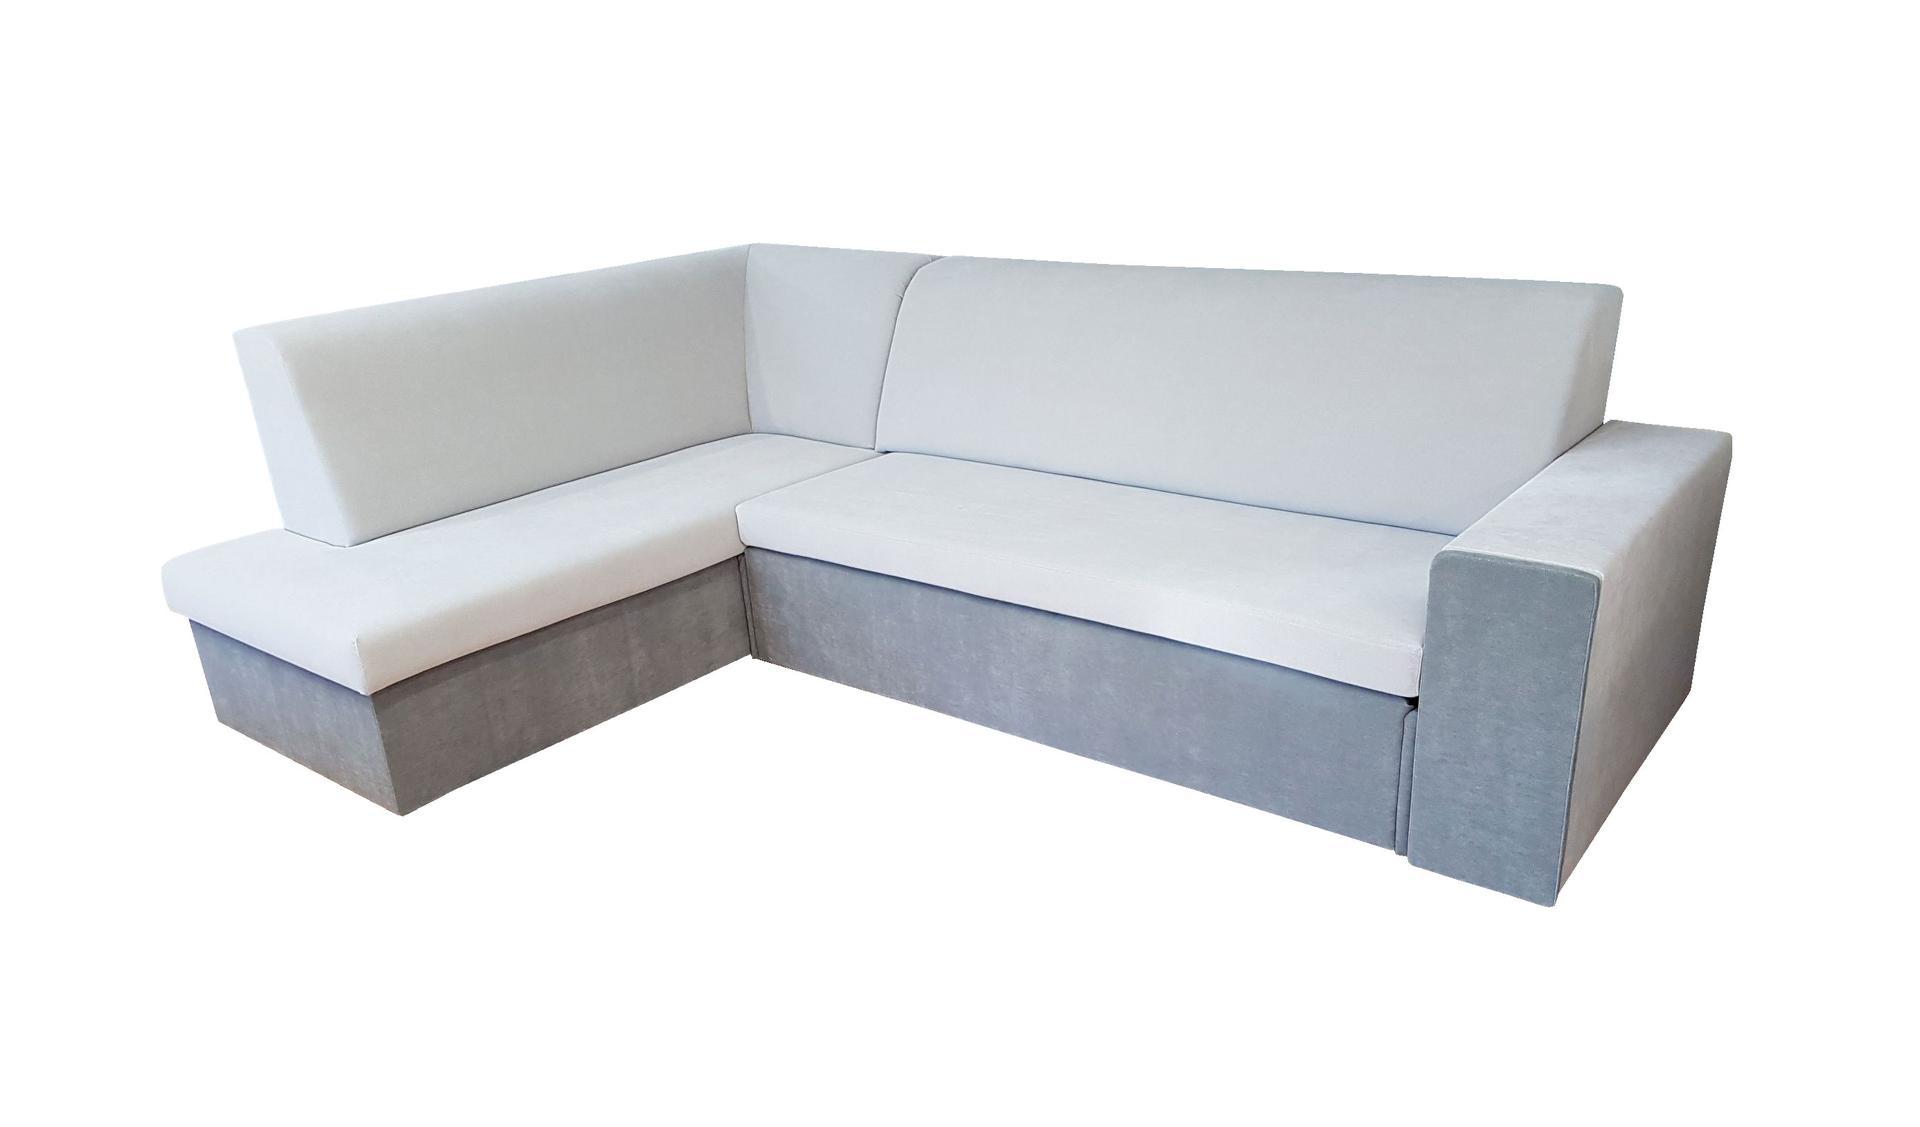 Má někdo zkušenosti s nábytkem Alfa z Krnova? Líbí se nám jejich sedačka na každodenní spaní. Je docela drahá, tak bych ráda osobní zkušenost, než se rozhodneme. - Obrázek č. 1